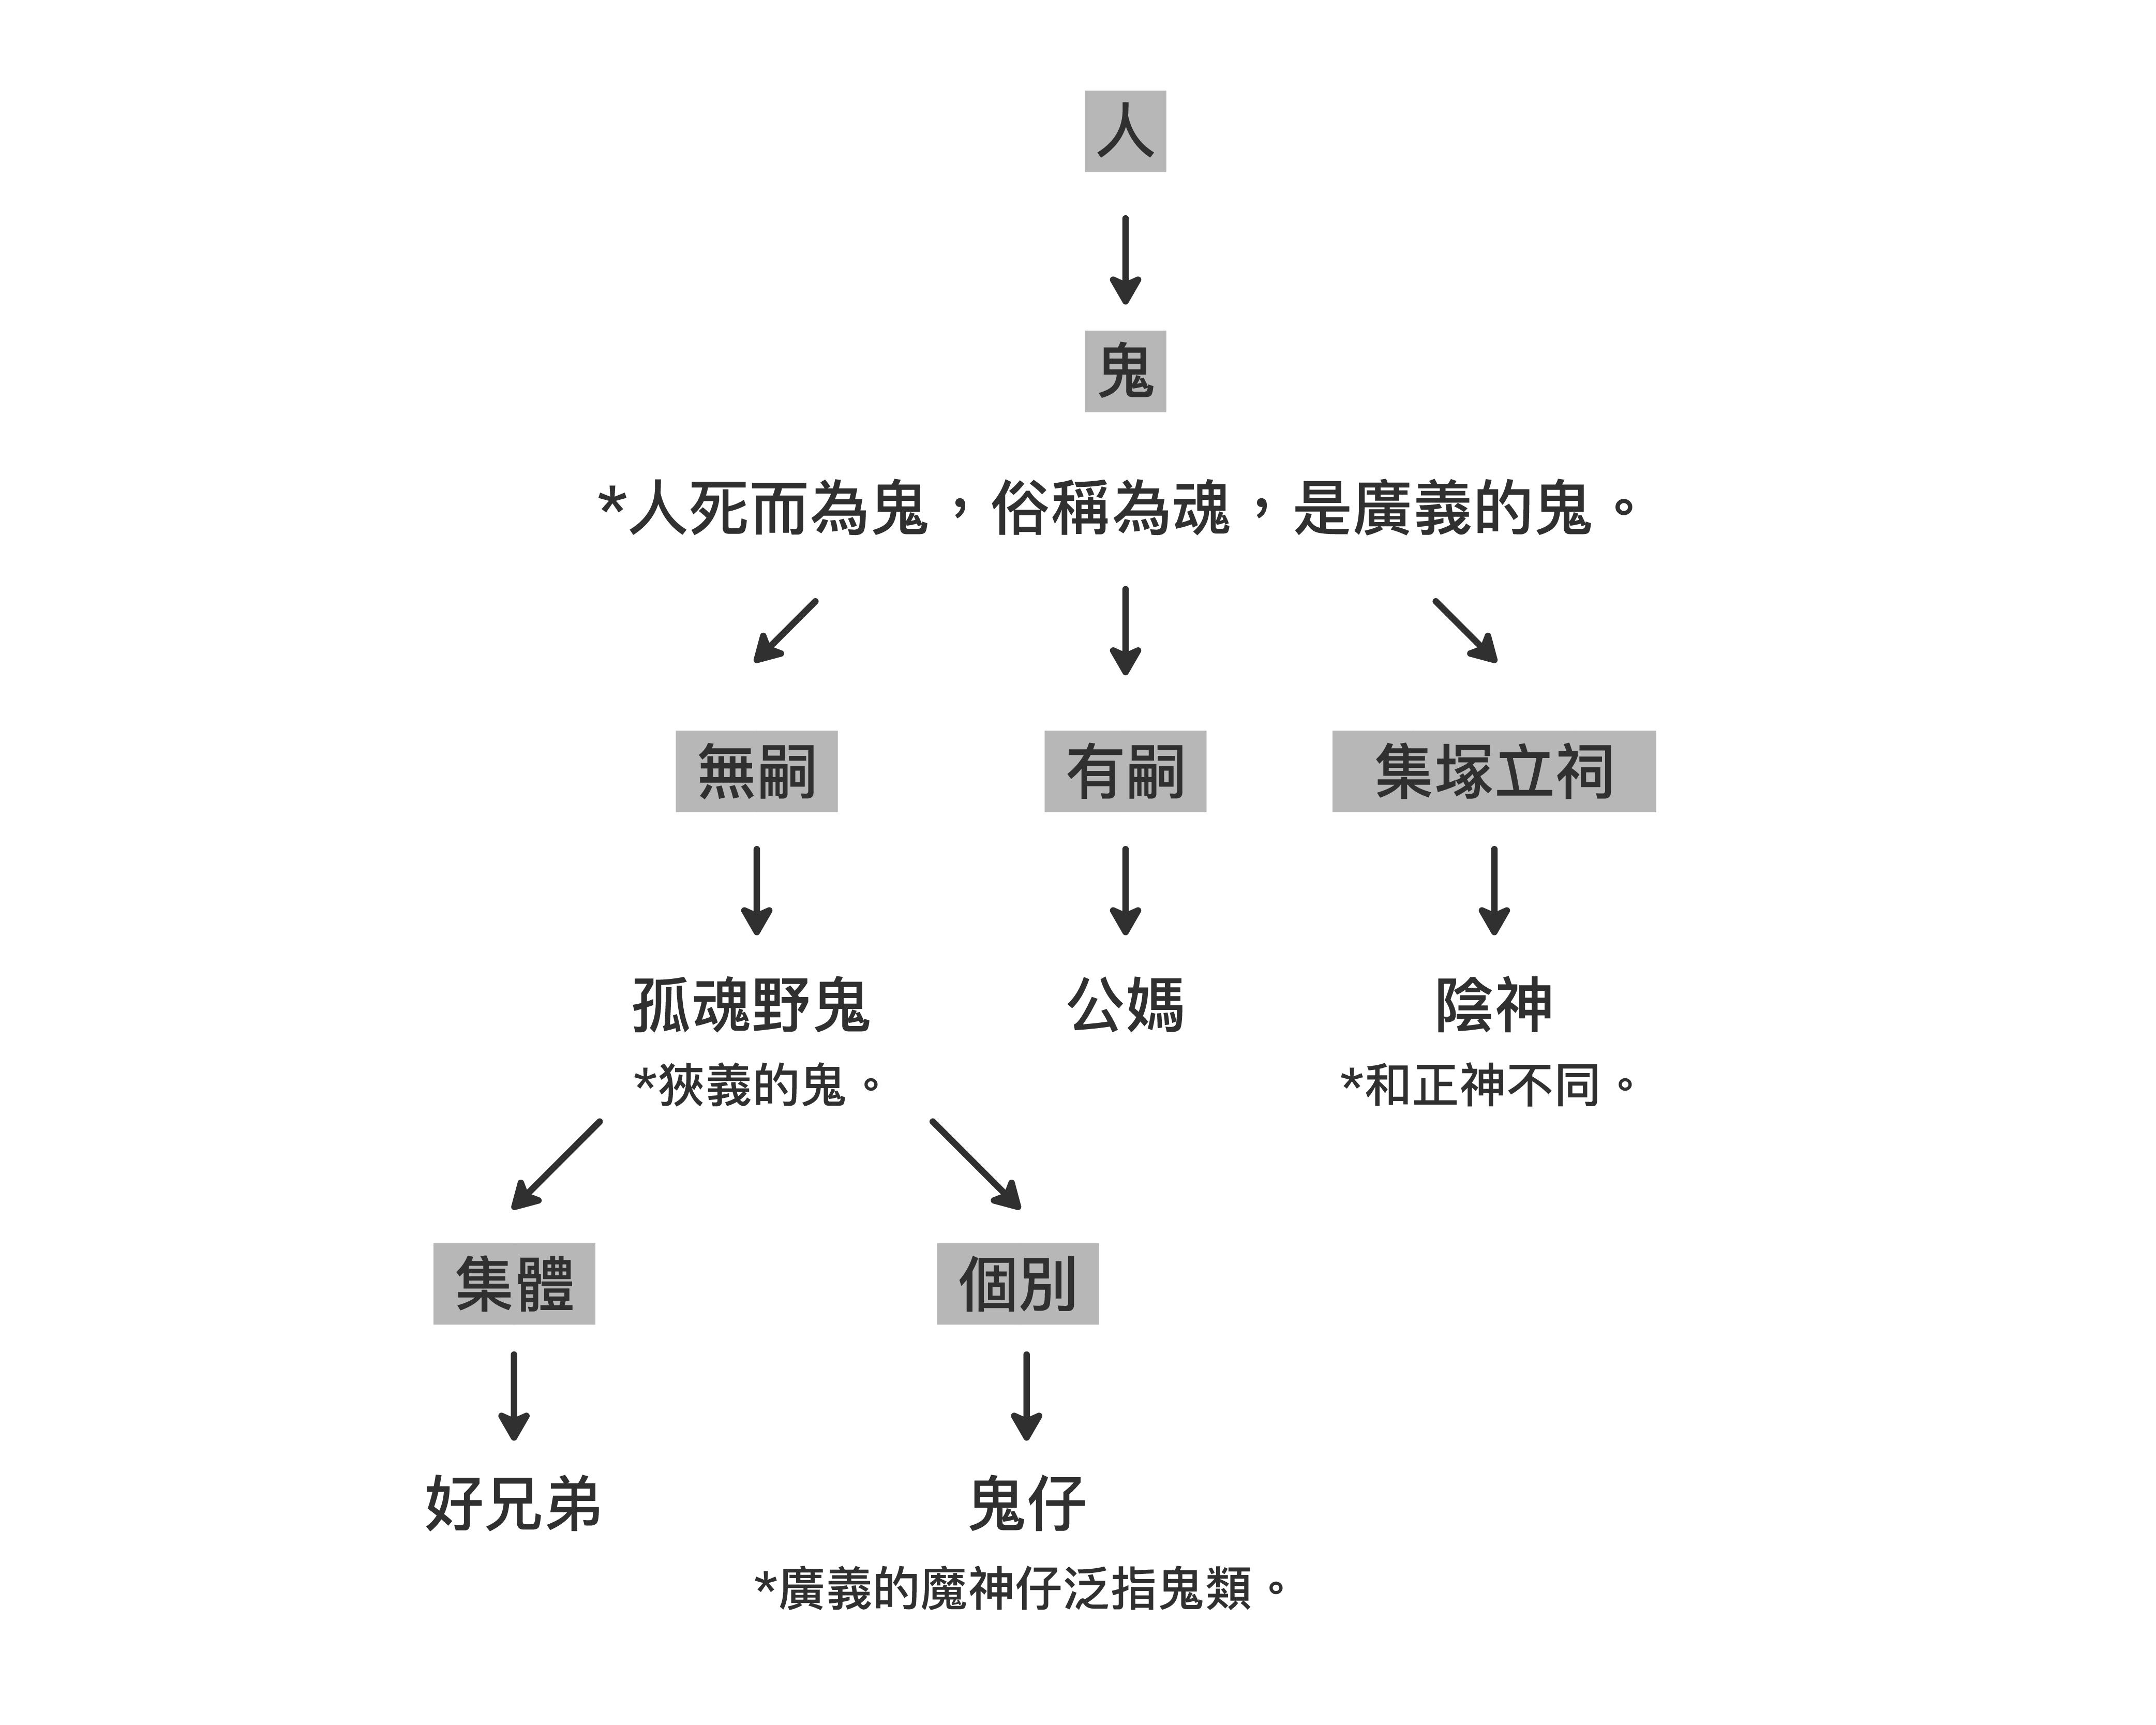 臺灣鬼仔關係譜。 資料來源│《台灣鬼仔古》,作者:林美容。台北:月熊出版。